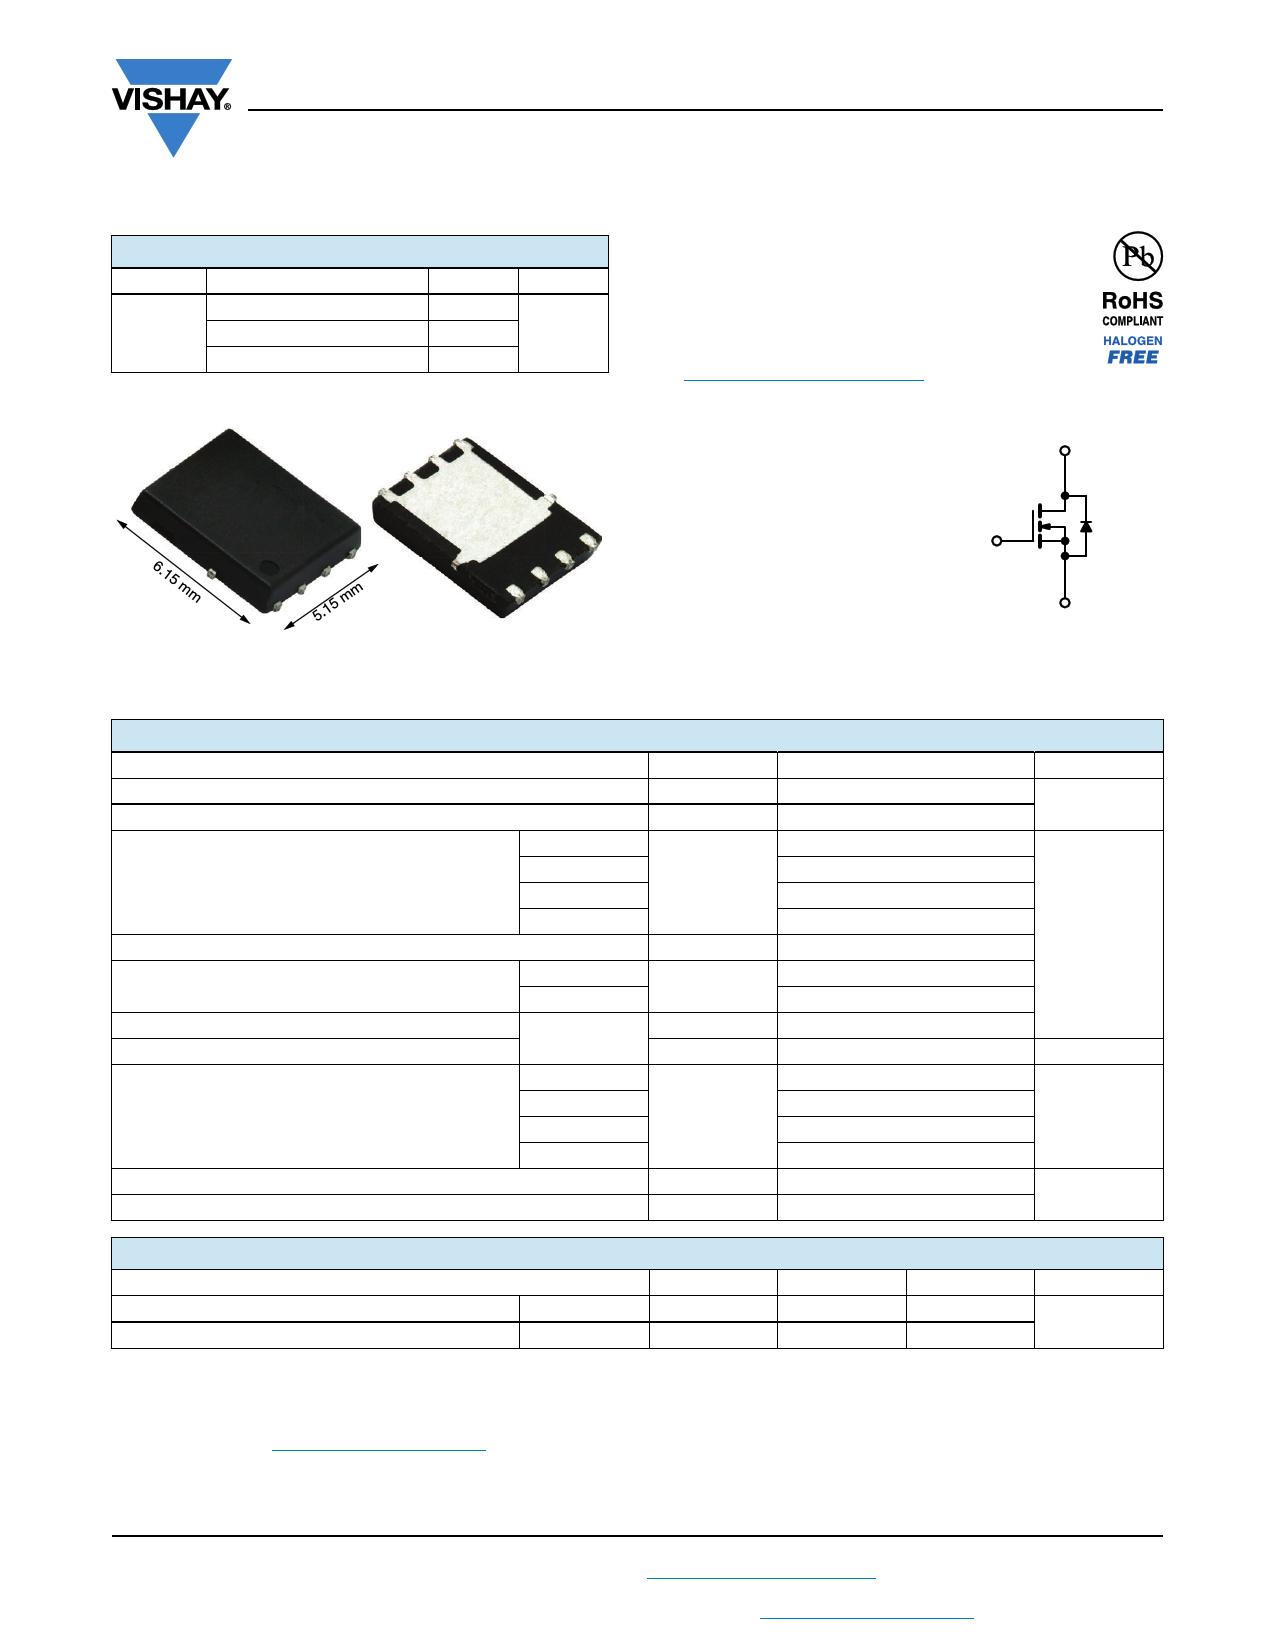 SIR826ADP datasheet